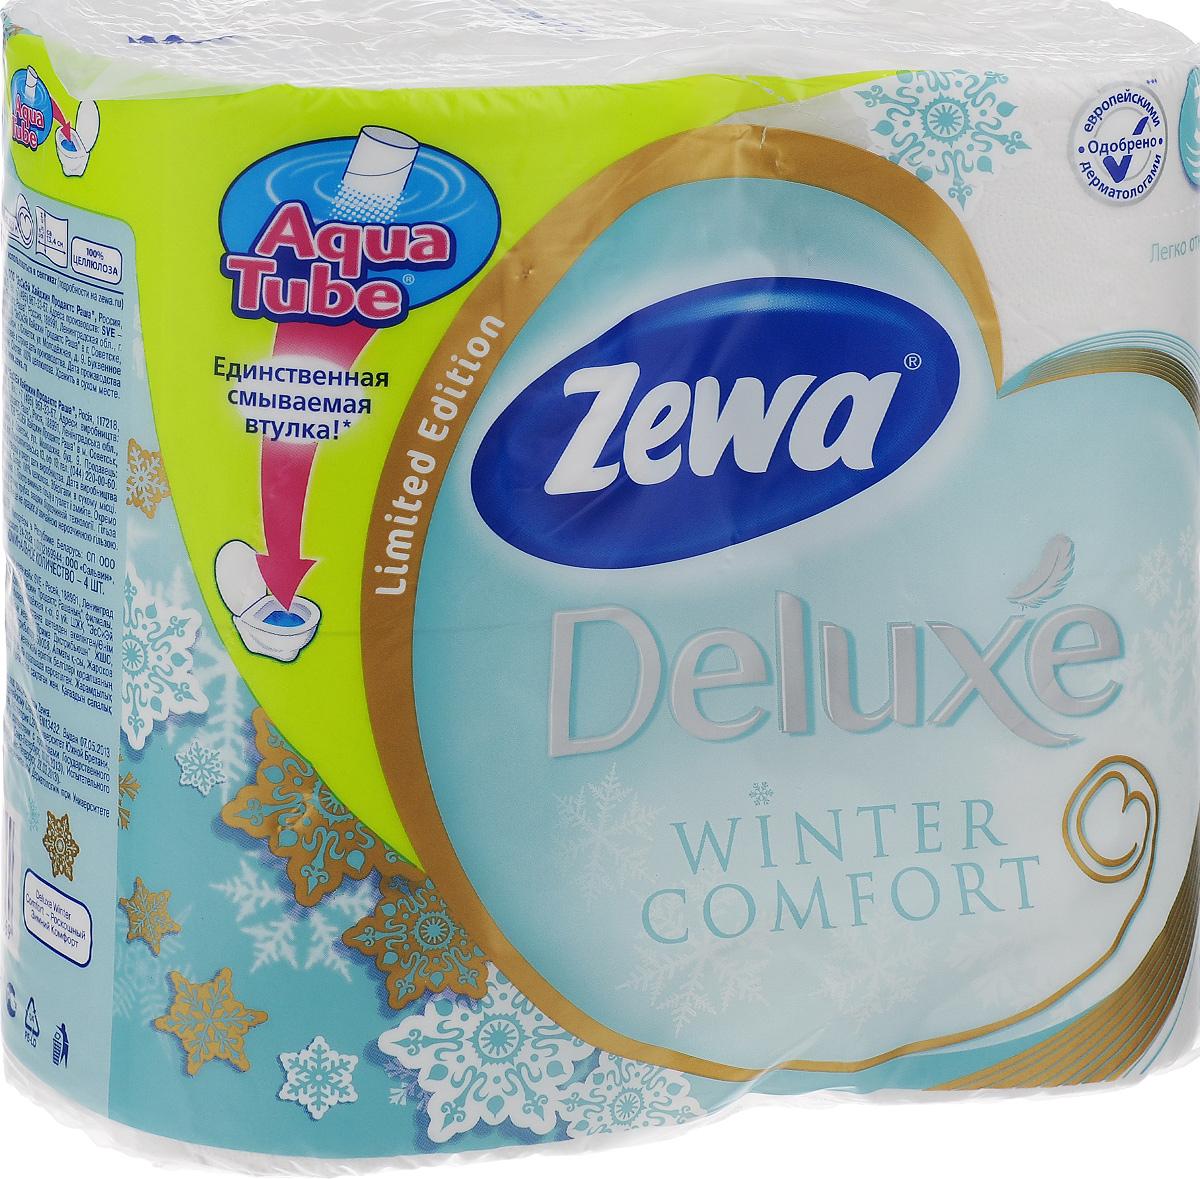 Туалетная бумага Zewa Deluxe. Winter Comfort, трехслойная, цвет: белый, 4 рулона010-01199-23Трехслойная туалетная бумага Zewa Deluxe. Winter Comfort изготовлена из целлюлозы высшего качества. Мягкая, нежная, но в тоже время прочная, бумага не расслаивается и отрывается строго по линии перфорации. Рулоны оснащены смываемой биоразлагаемой втулкой. Бумага без аромата.Материал: 100% целлюлоза.Количество листов (в одном рулоне): 150 шт.Количество слоев: 3.Размер листа: 9,5 см х 13,4 см.Длина рулона: 20,1 м.